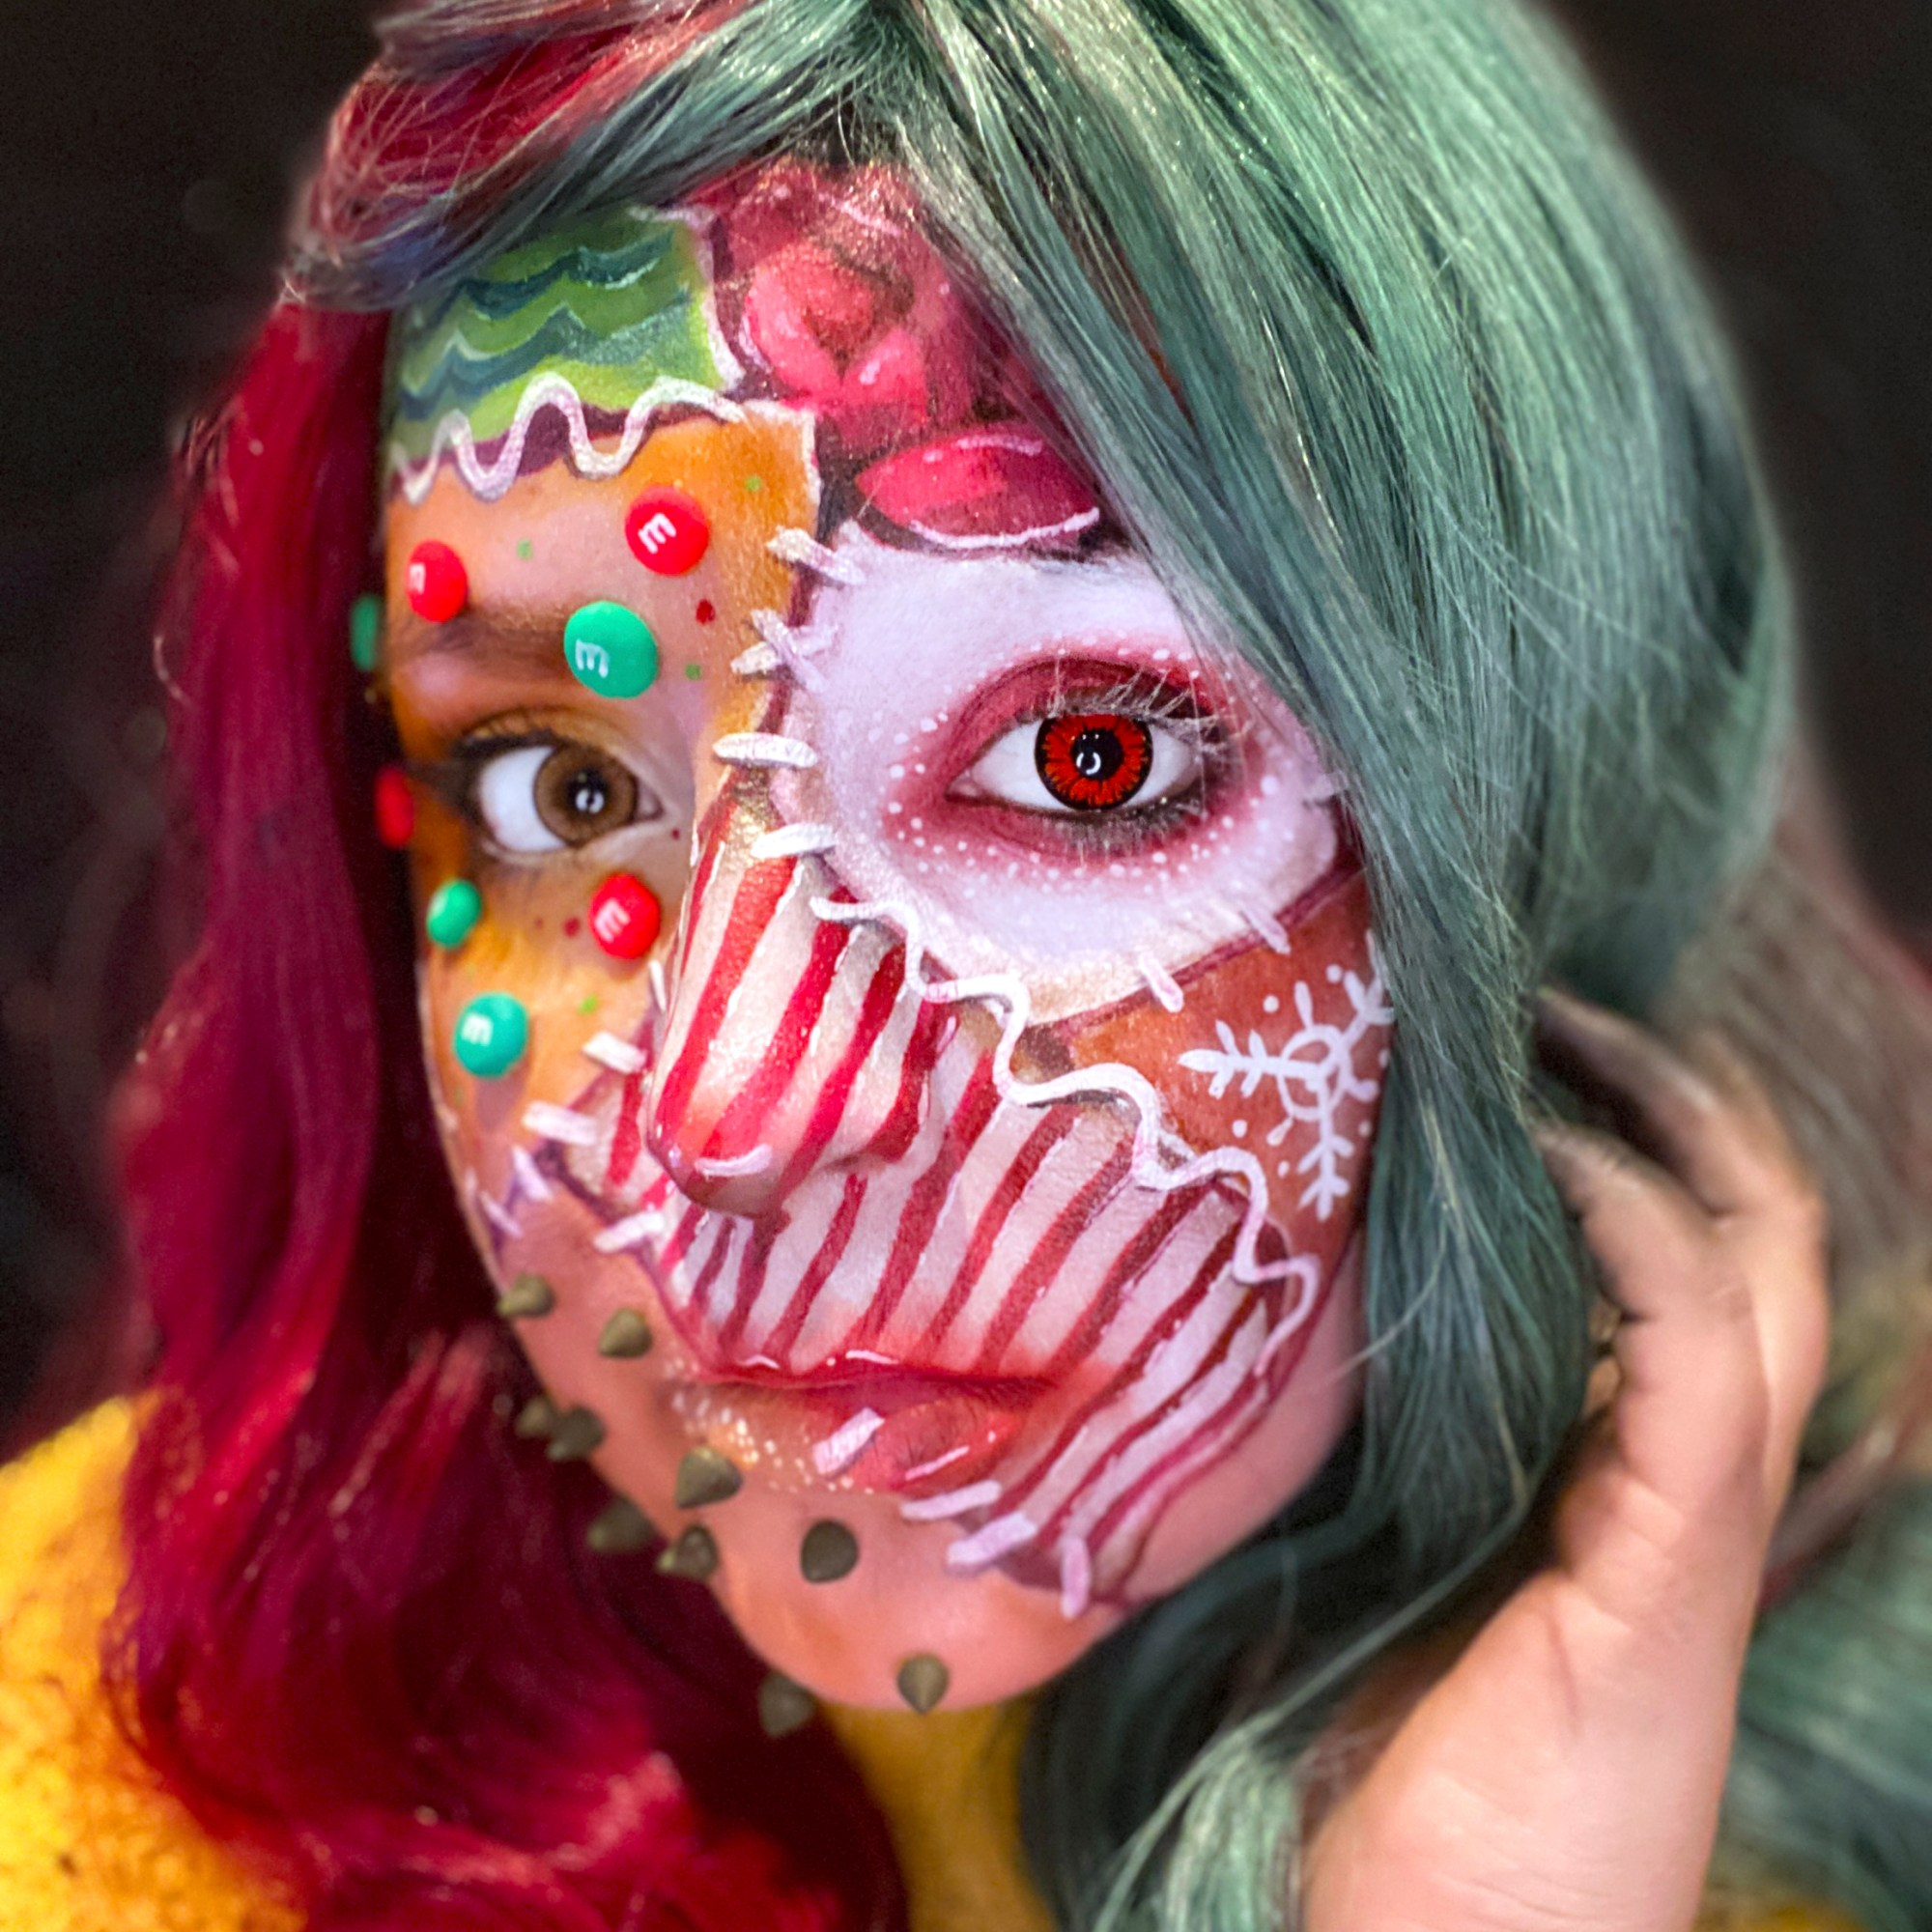 Kaitlyn Armitano as Frankencookie